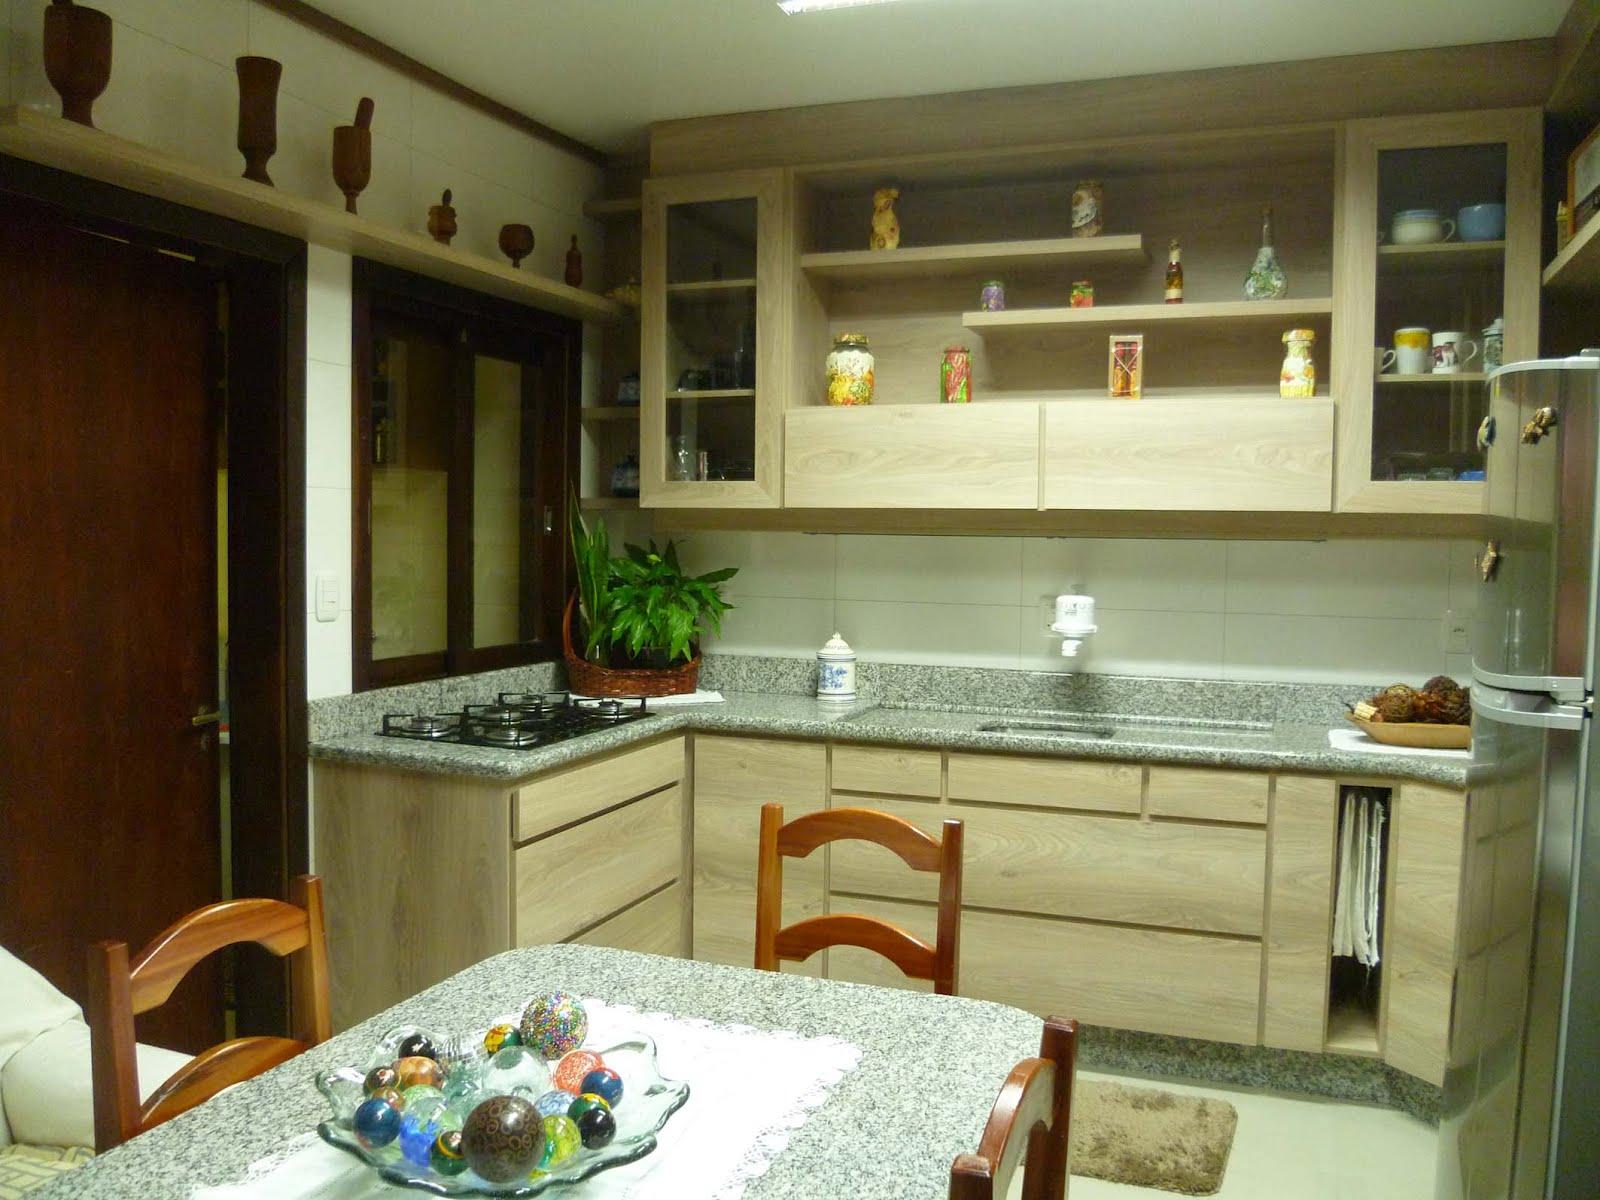 Vivian Rizzon: Cozinha em tom madeirado #9B7330 1600 1200